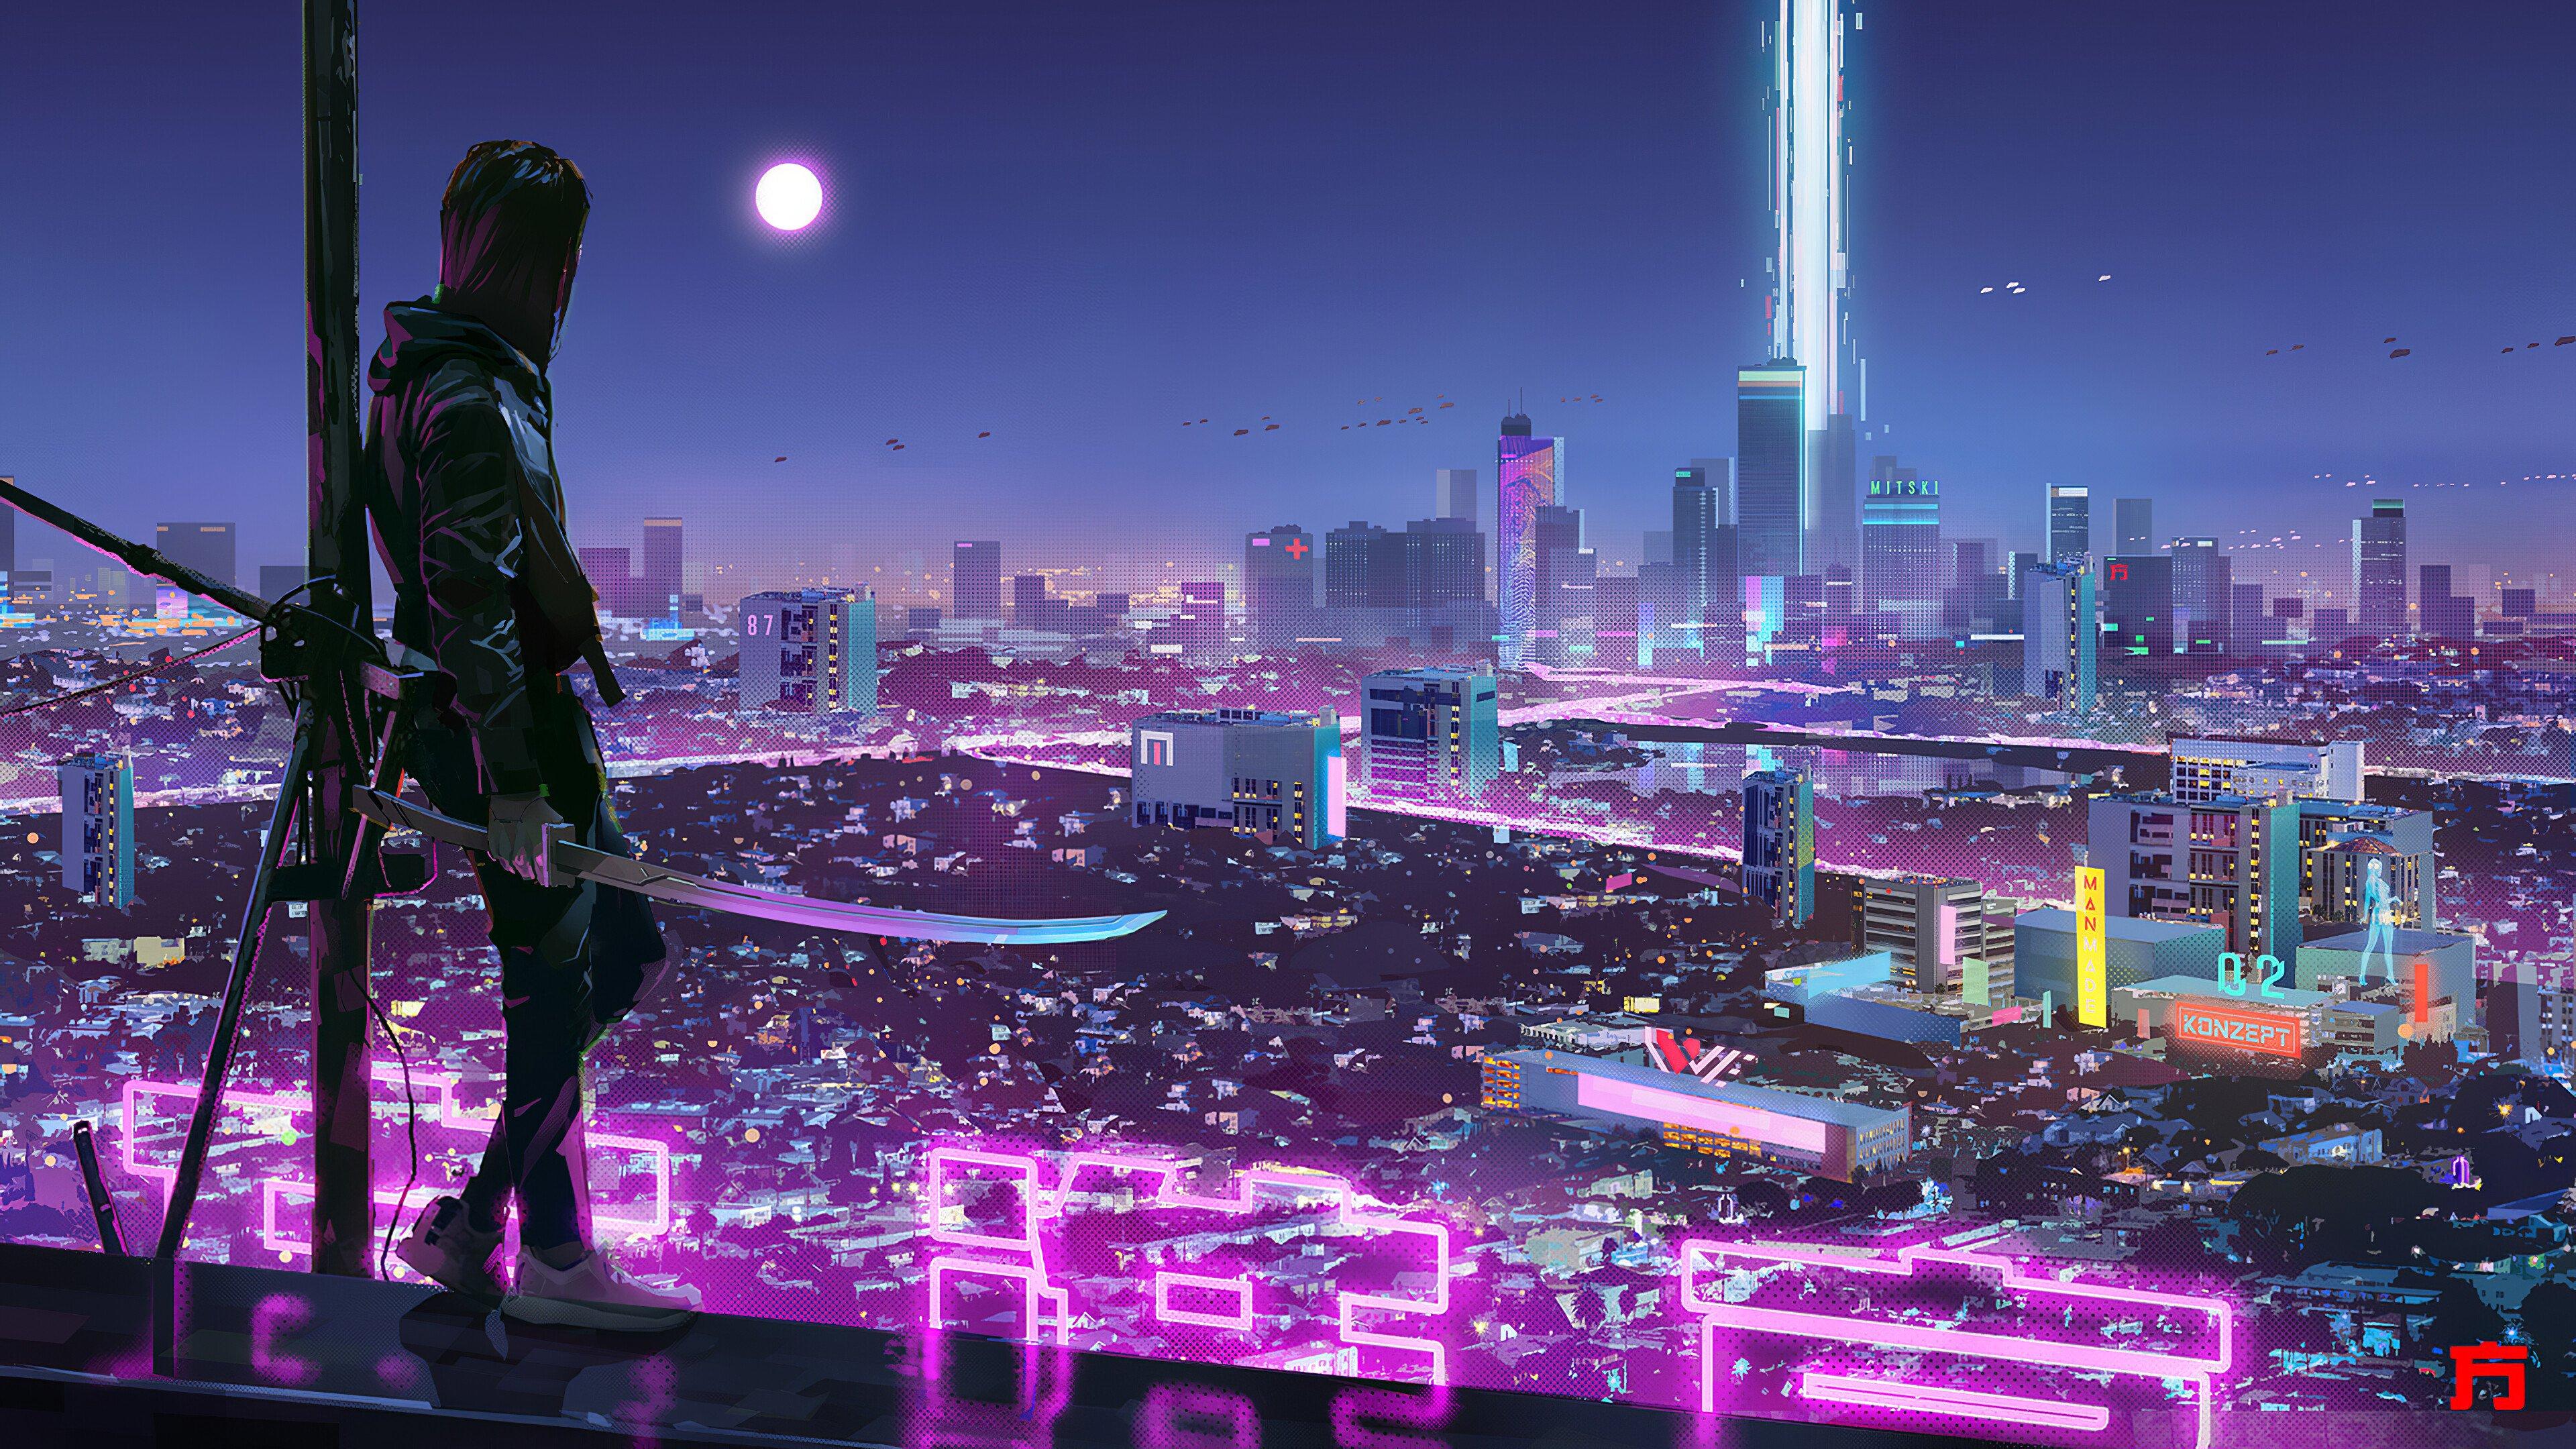 Wallpaper Ninja Katana Sci-Fi City Neon Lights